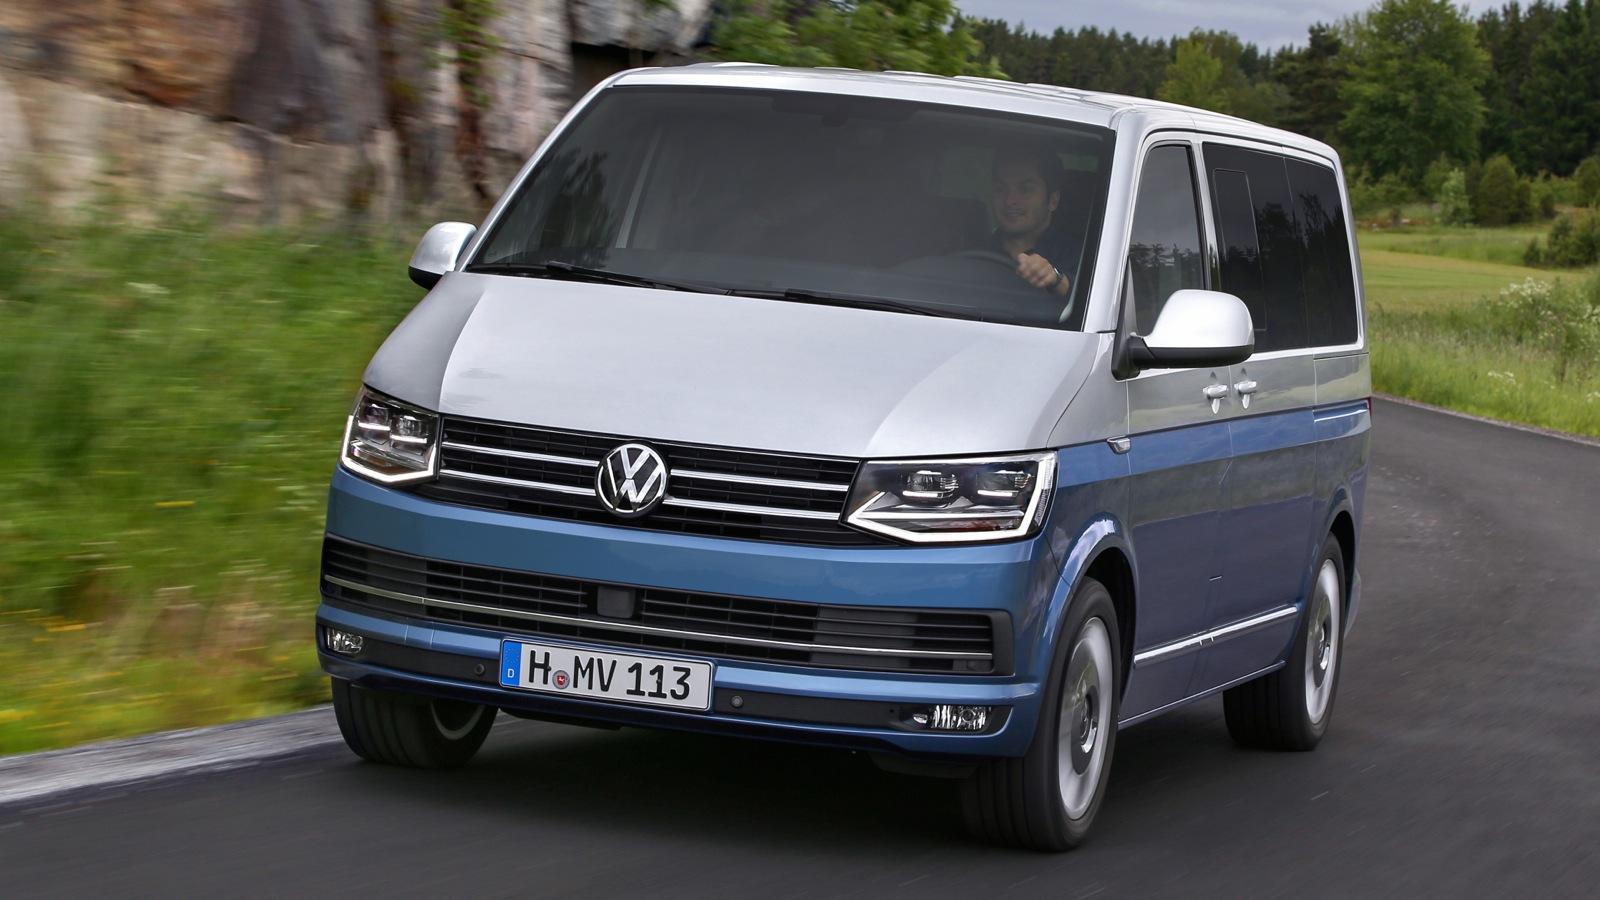 Volkswagen Multivan Generation Six Review photos